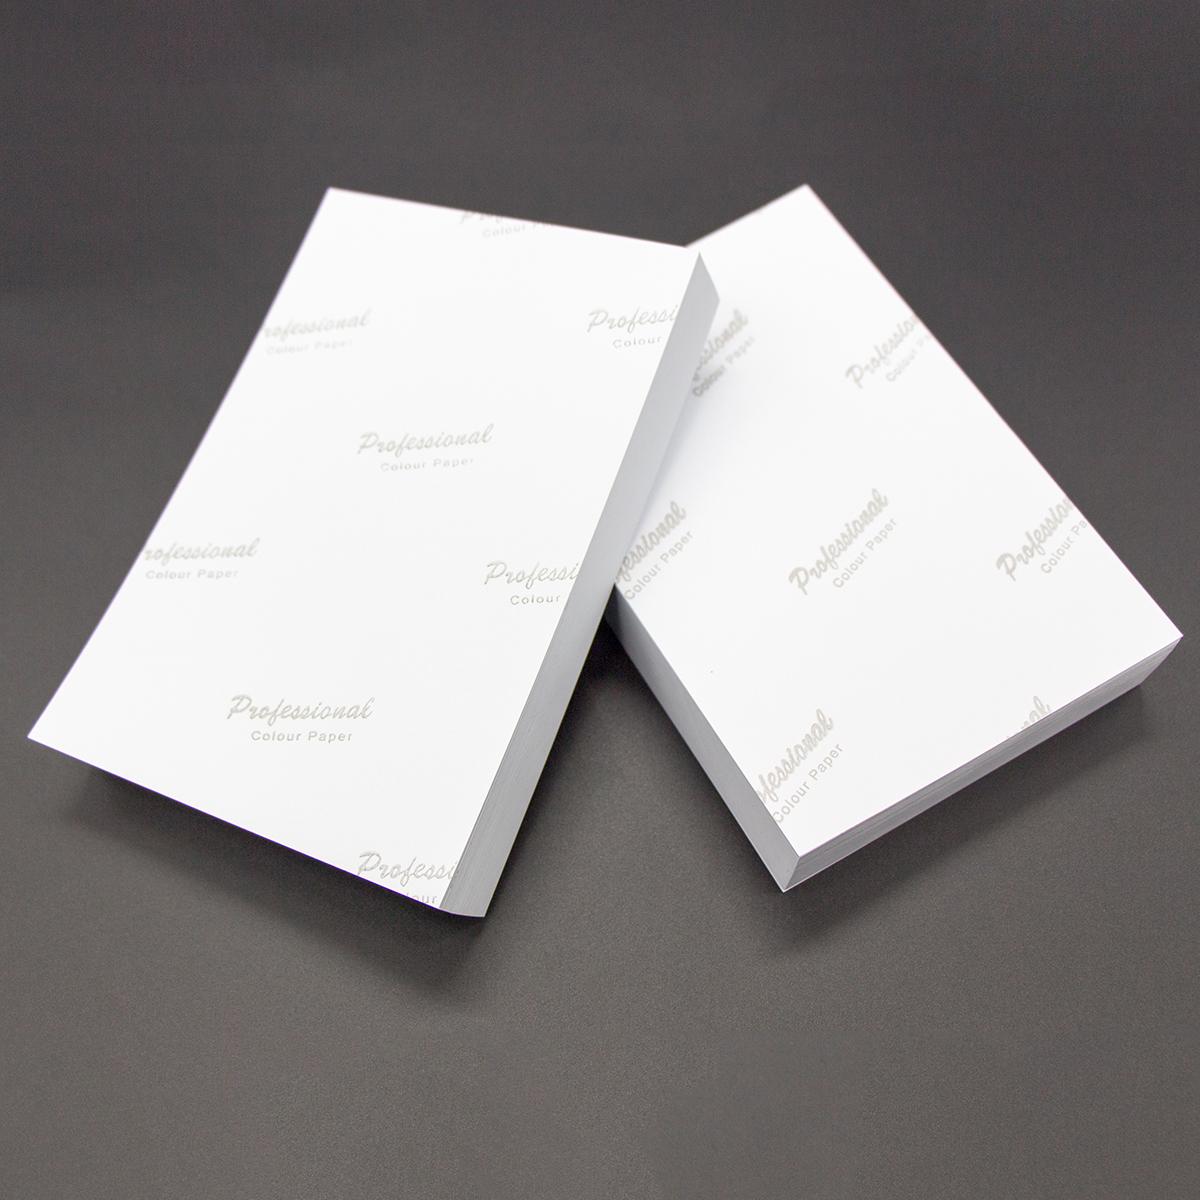 a6相纸_曼蒂克a4相纸6寸5寸7寸a6高光相片纸彩色喷墨打印照片